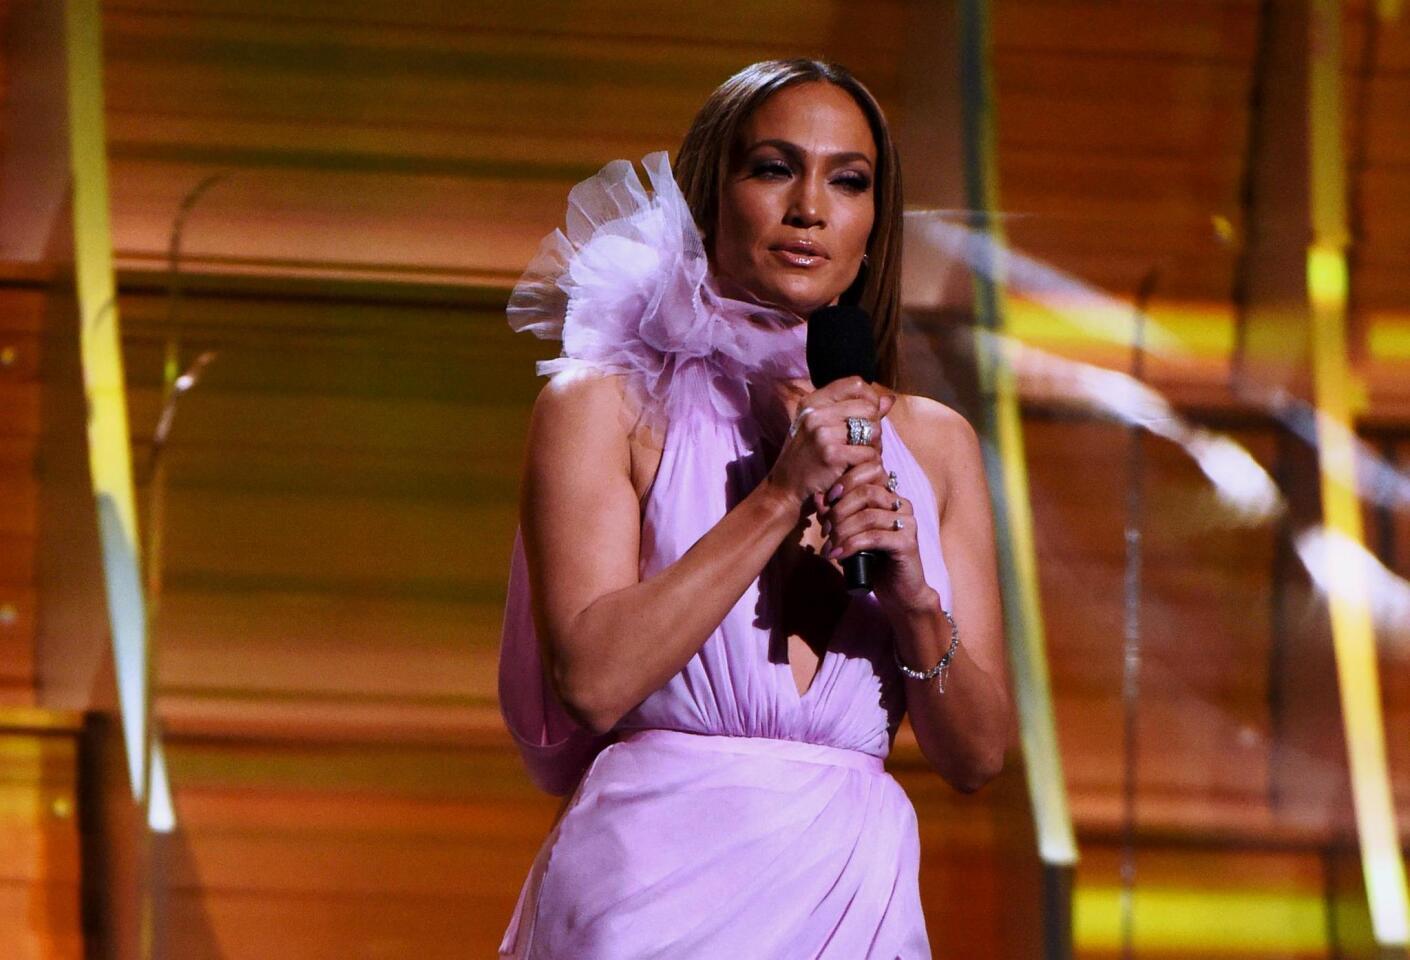 La descendiente de boricuas Jennifer López apareció claramente hasta en dos ocasiones durante el evento central del Grammy.